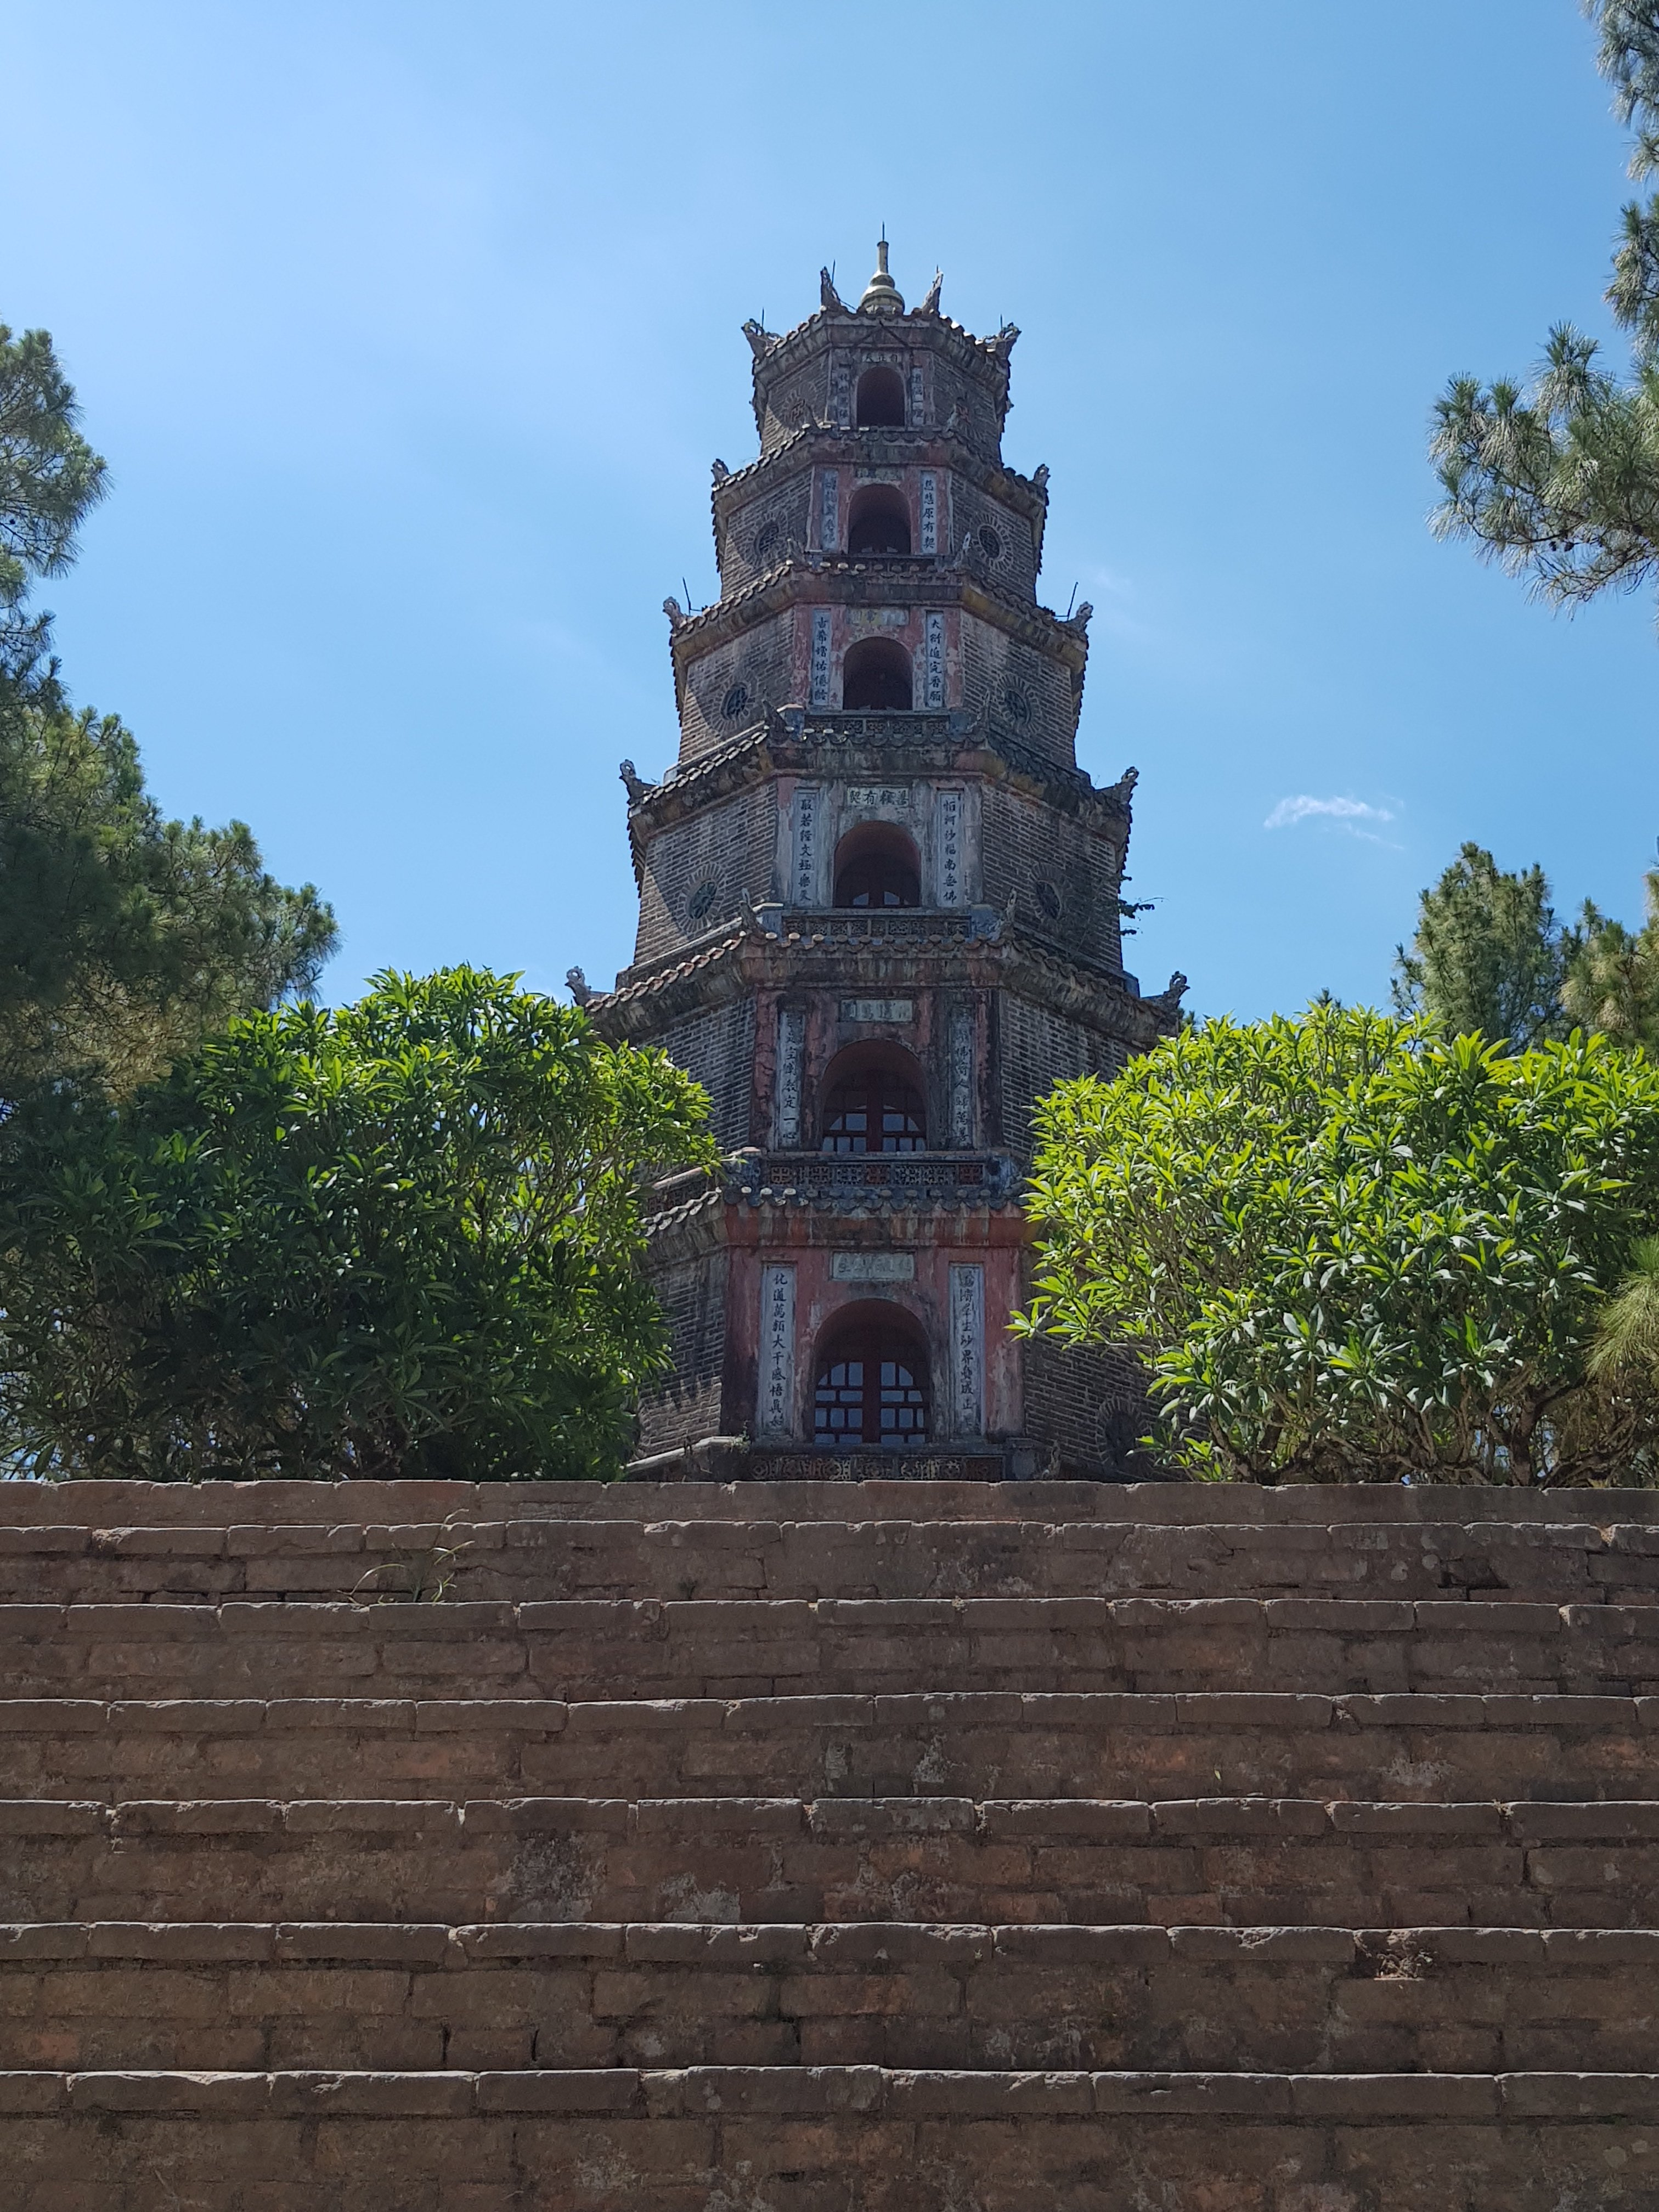 Hue to Da Nang: Thien Mu Pagoda